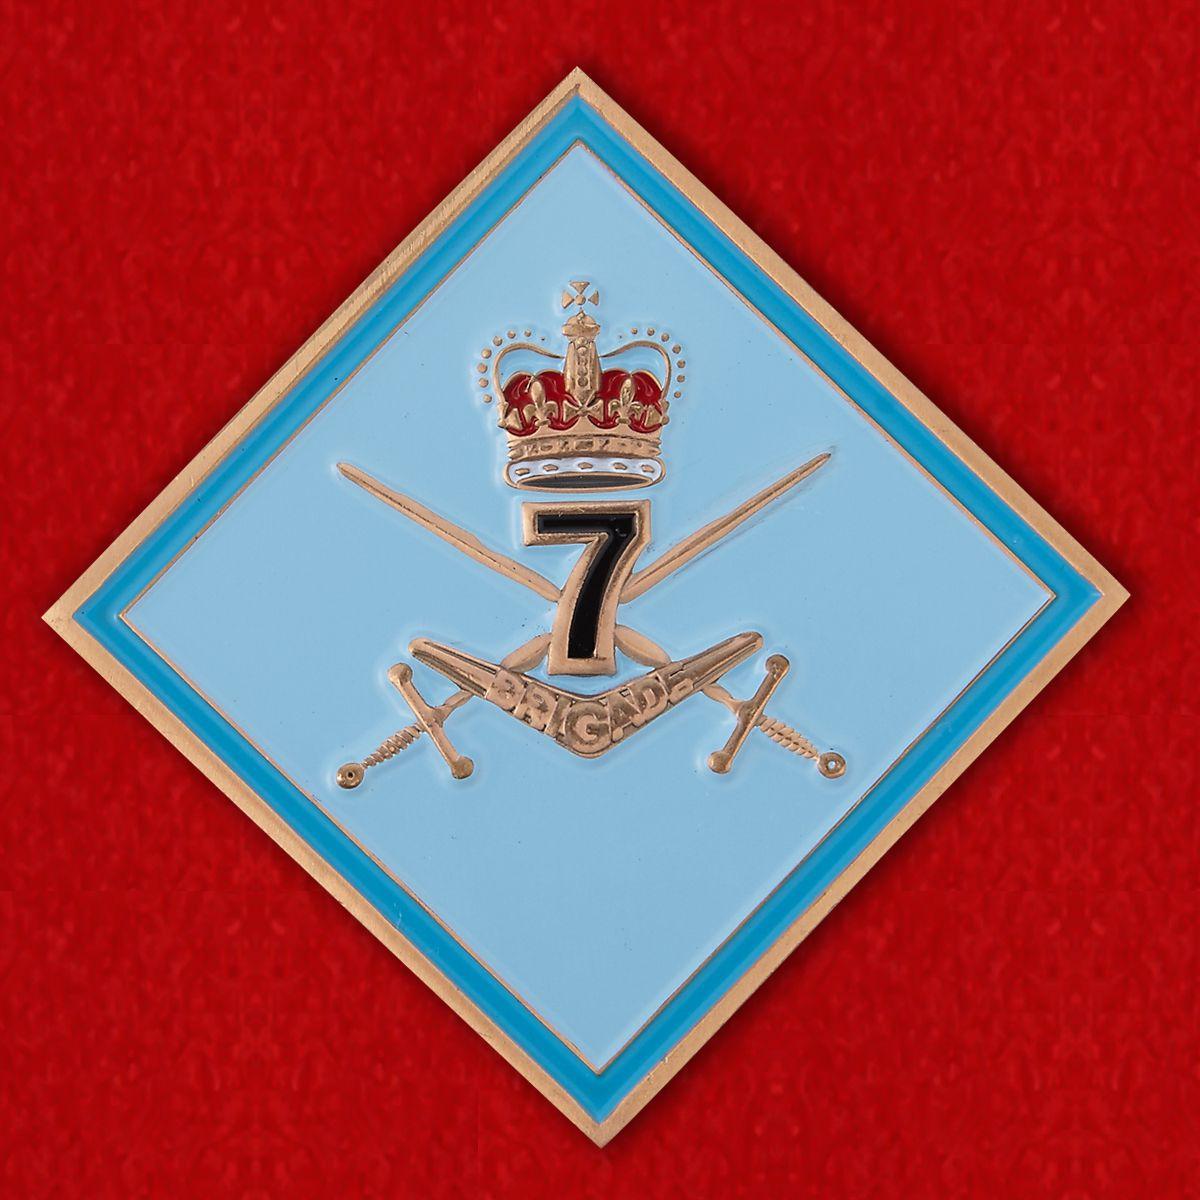 Челлендж коин 7-й Общевойсковой бригады Австралийской армии